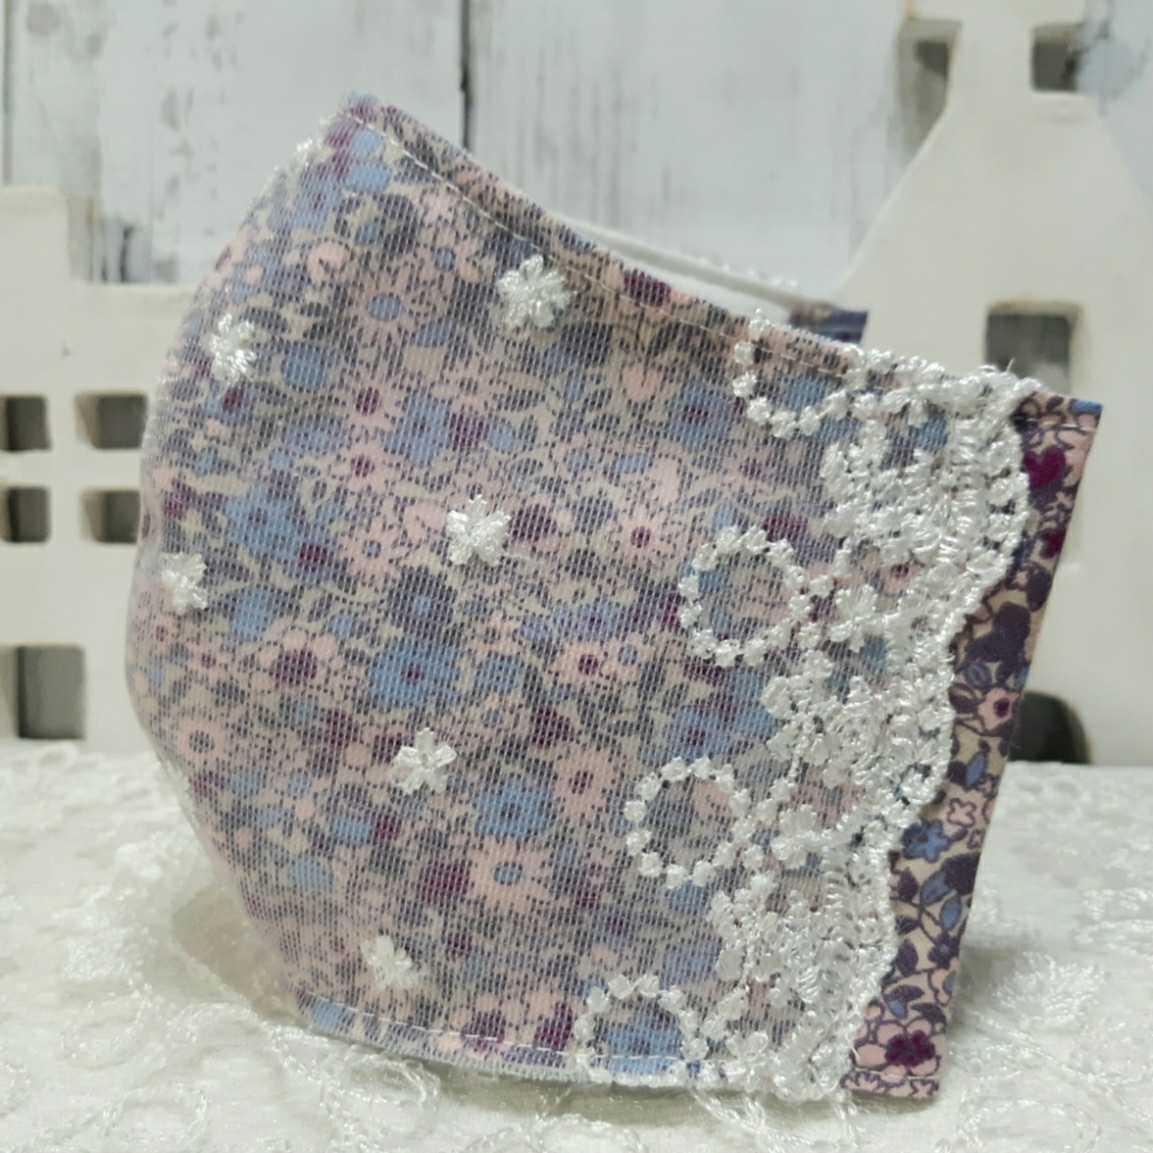 花模様チュールレース ピンク紫小花模様コットン インナーマスク ダブルガーゼ ハンドメイド _画像1